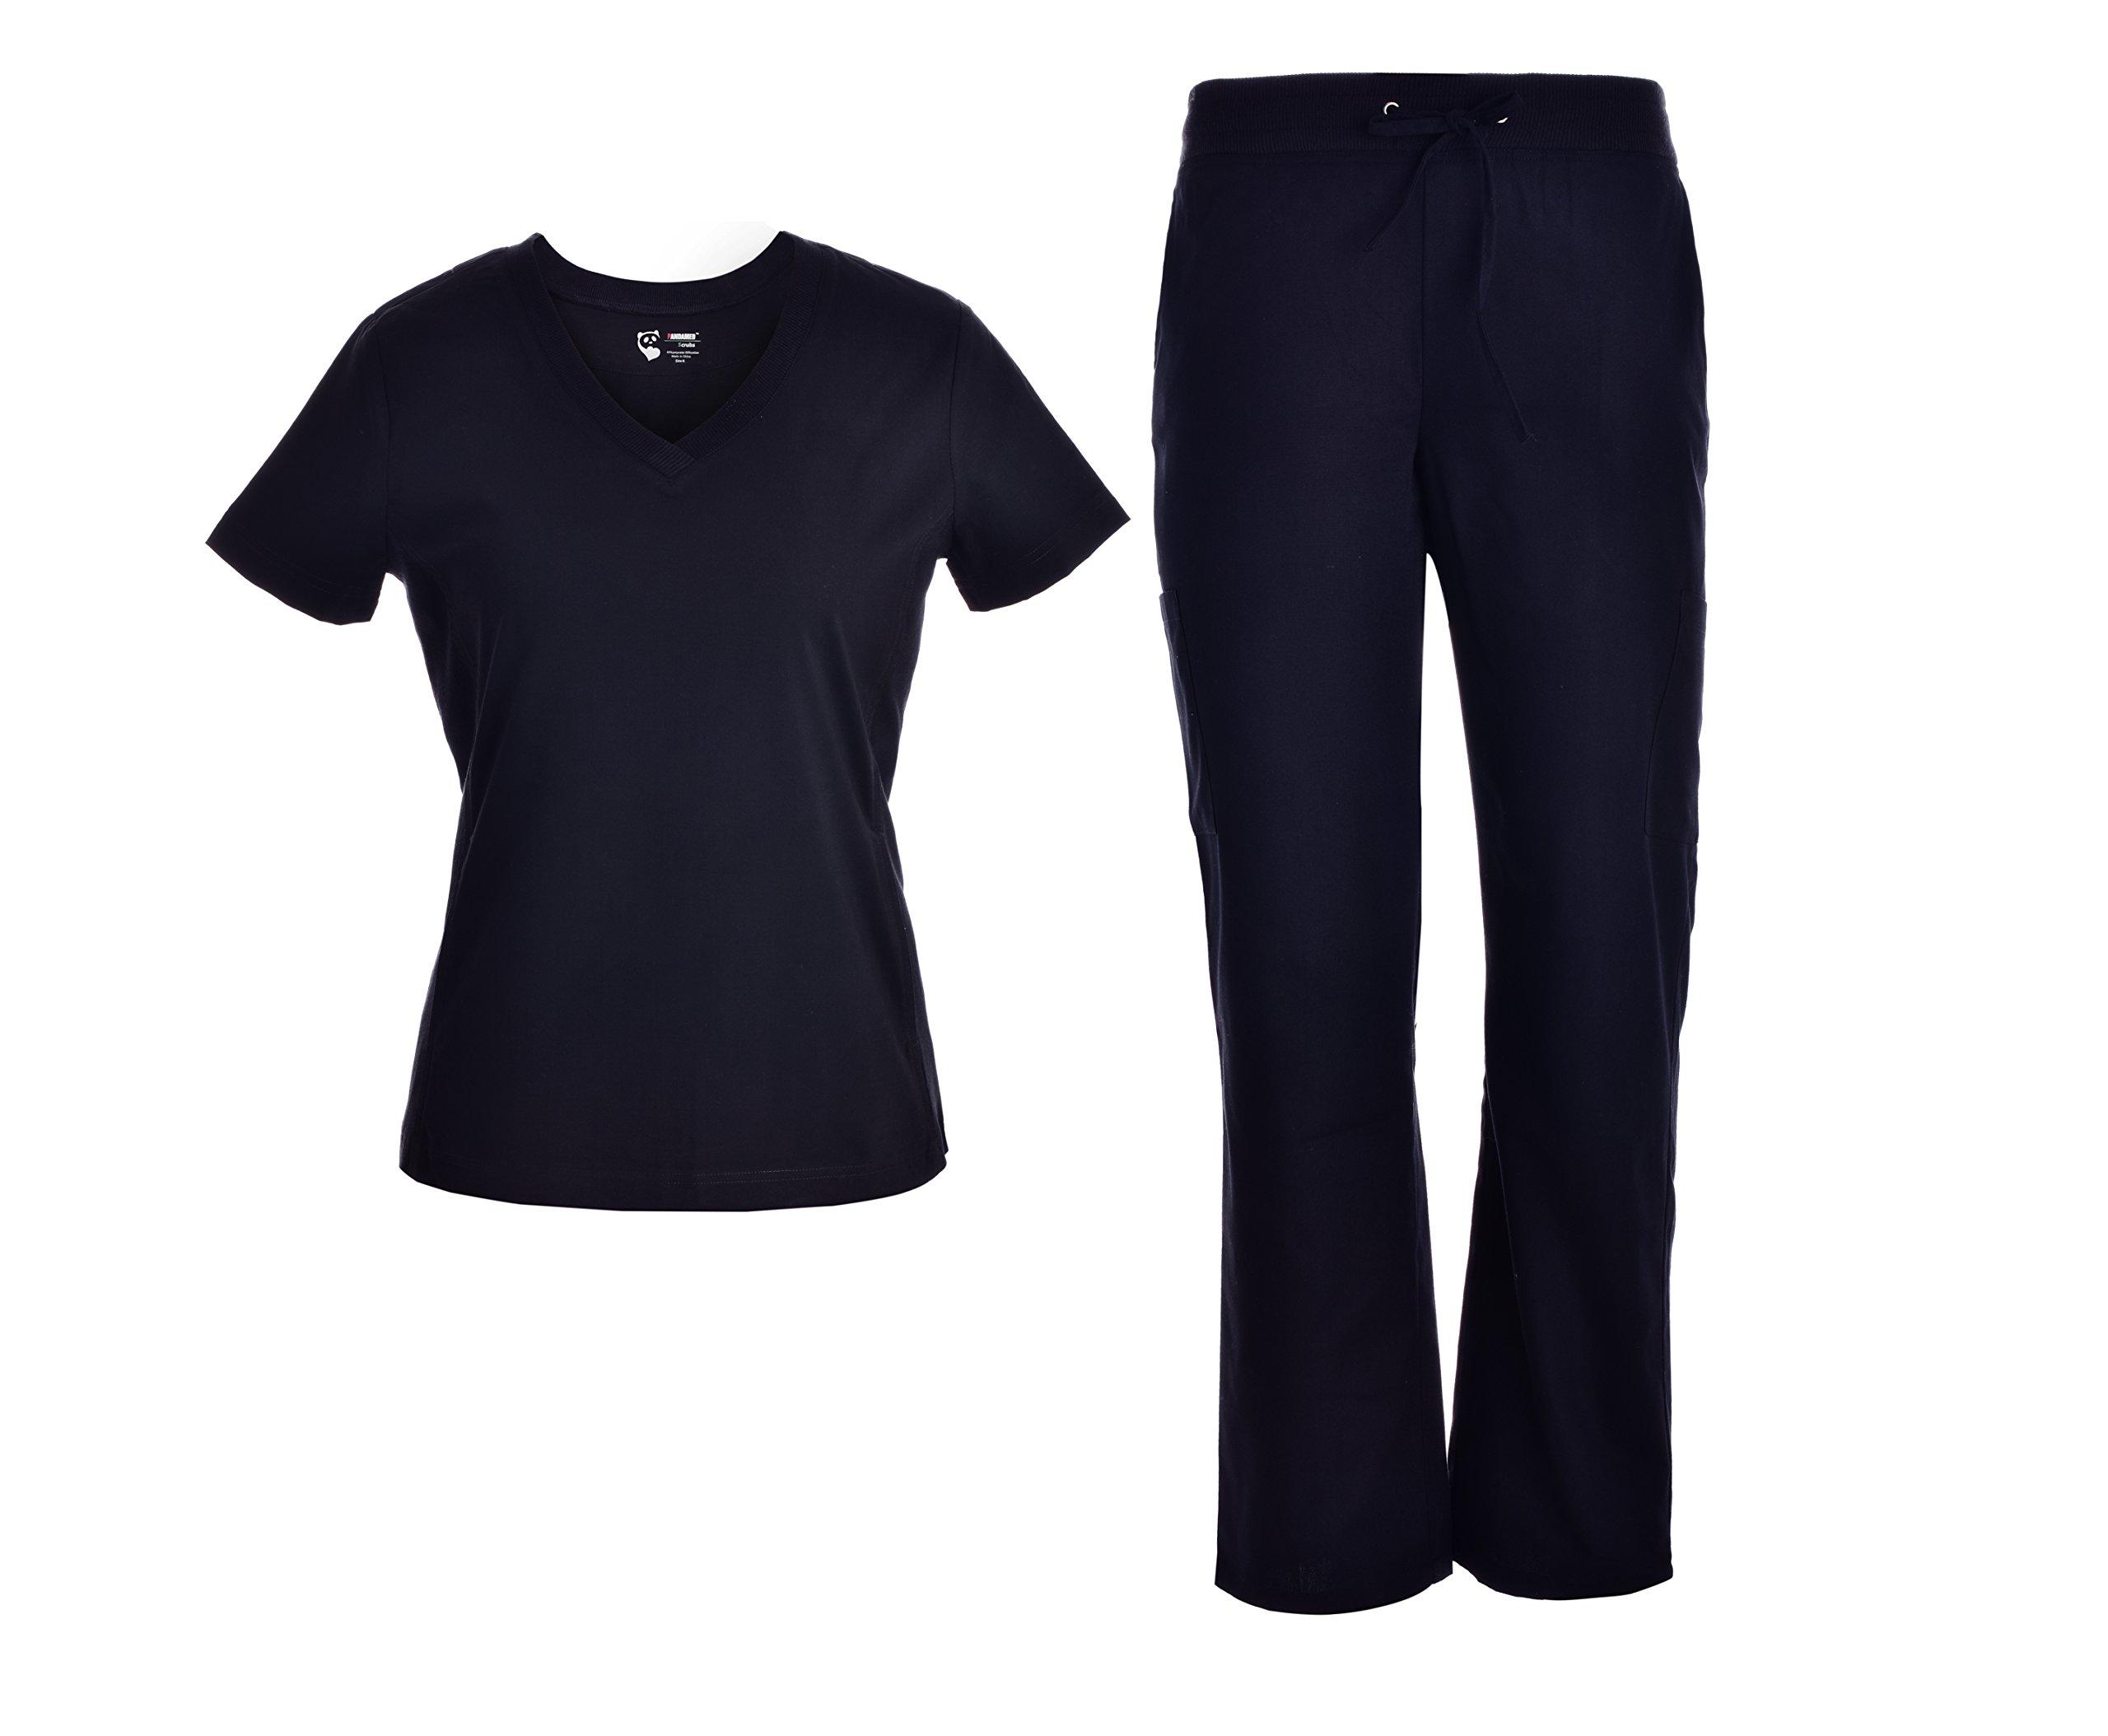 Pandamed V-Neck Scrubs Set With Rib Basic Medical Uniforms Doctor Nurse Scrubs Sets Black-JY1606 (Black, L)